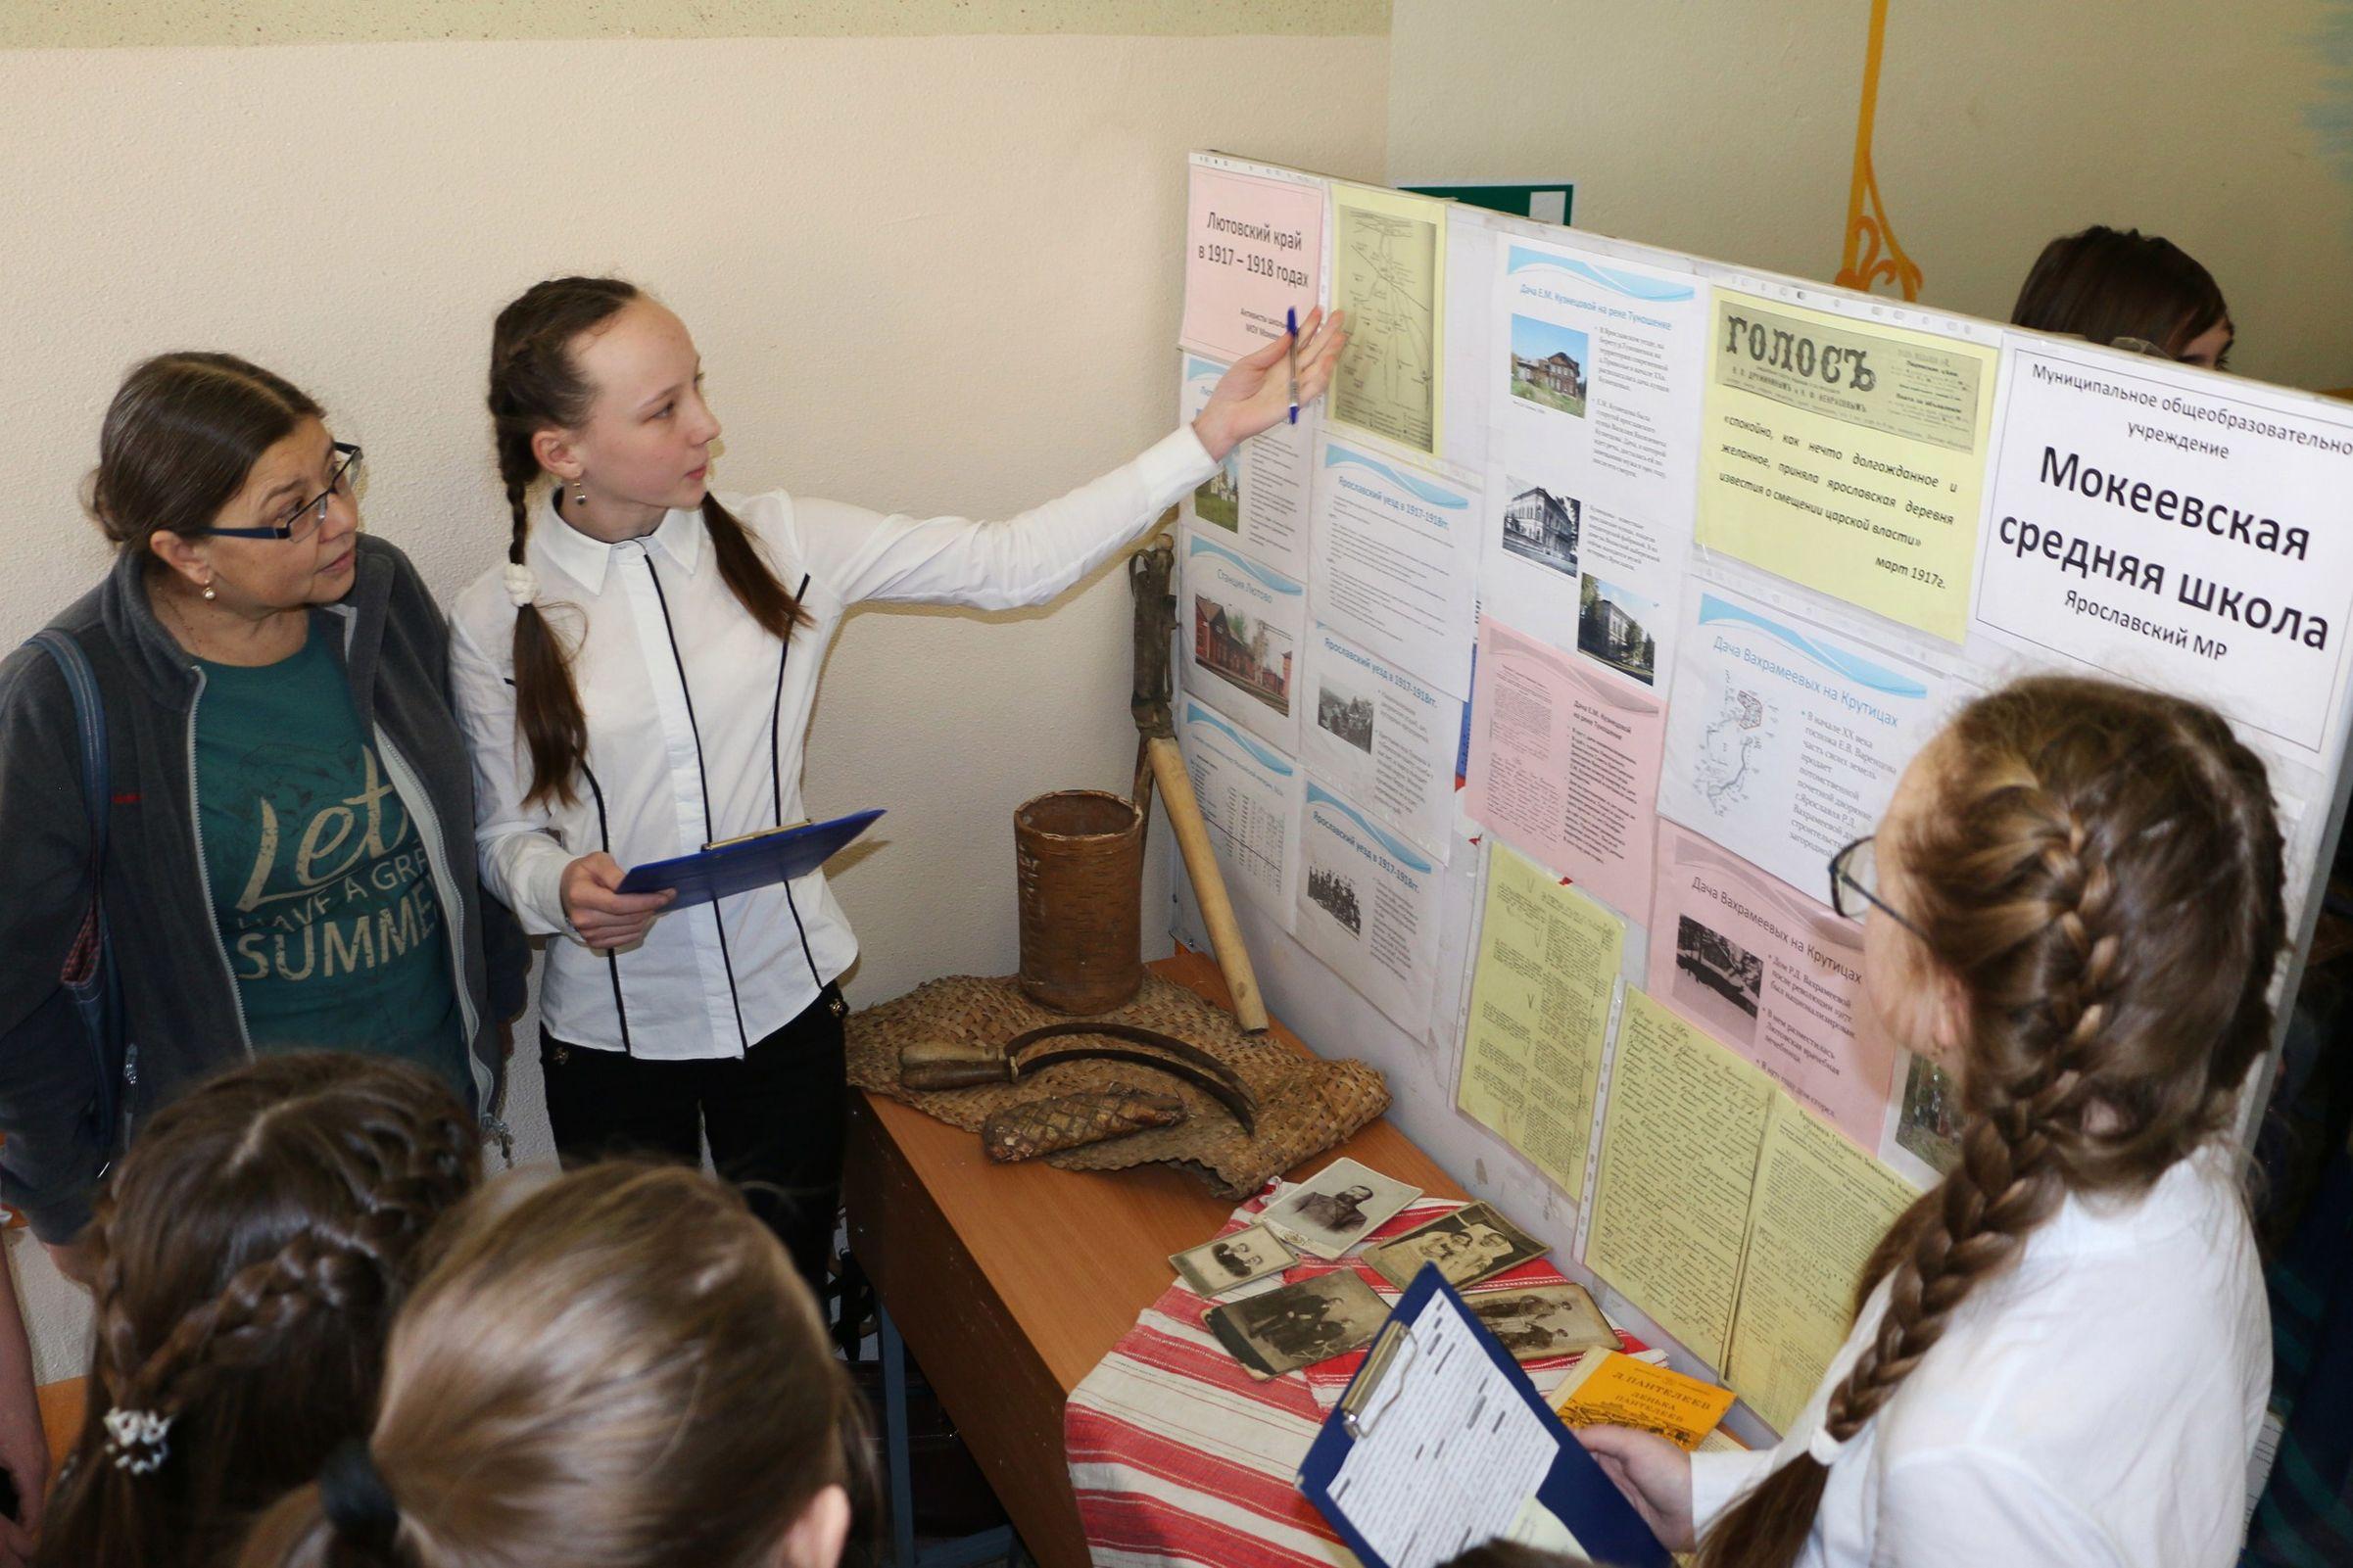 Ярославские школьники заняли призовые места на всероссийских краеведческих конкурсах